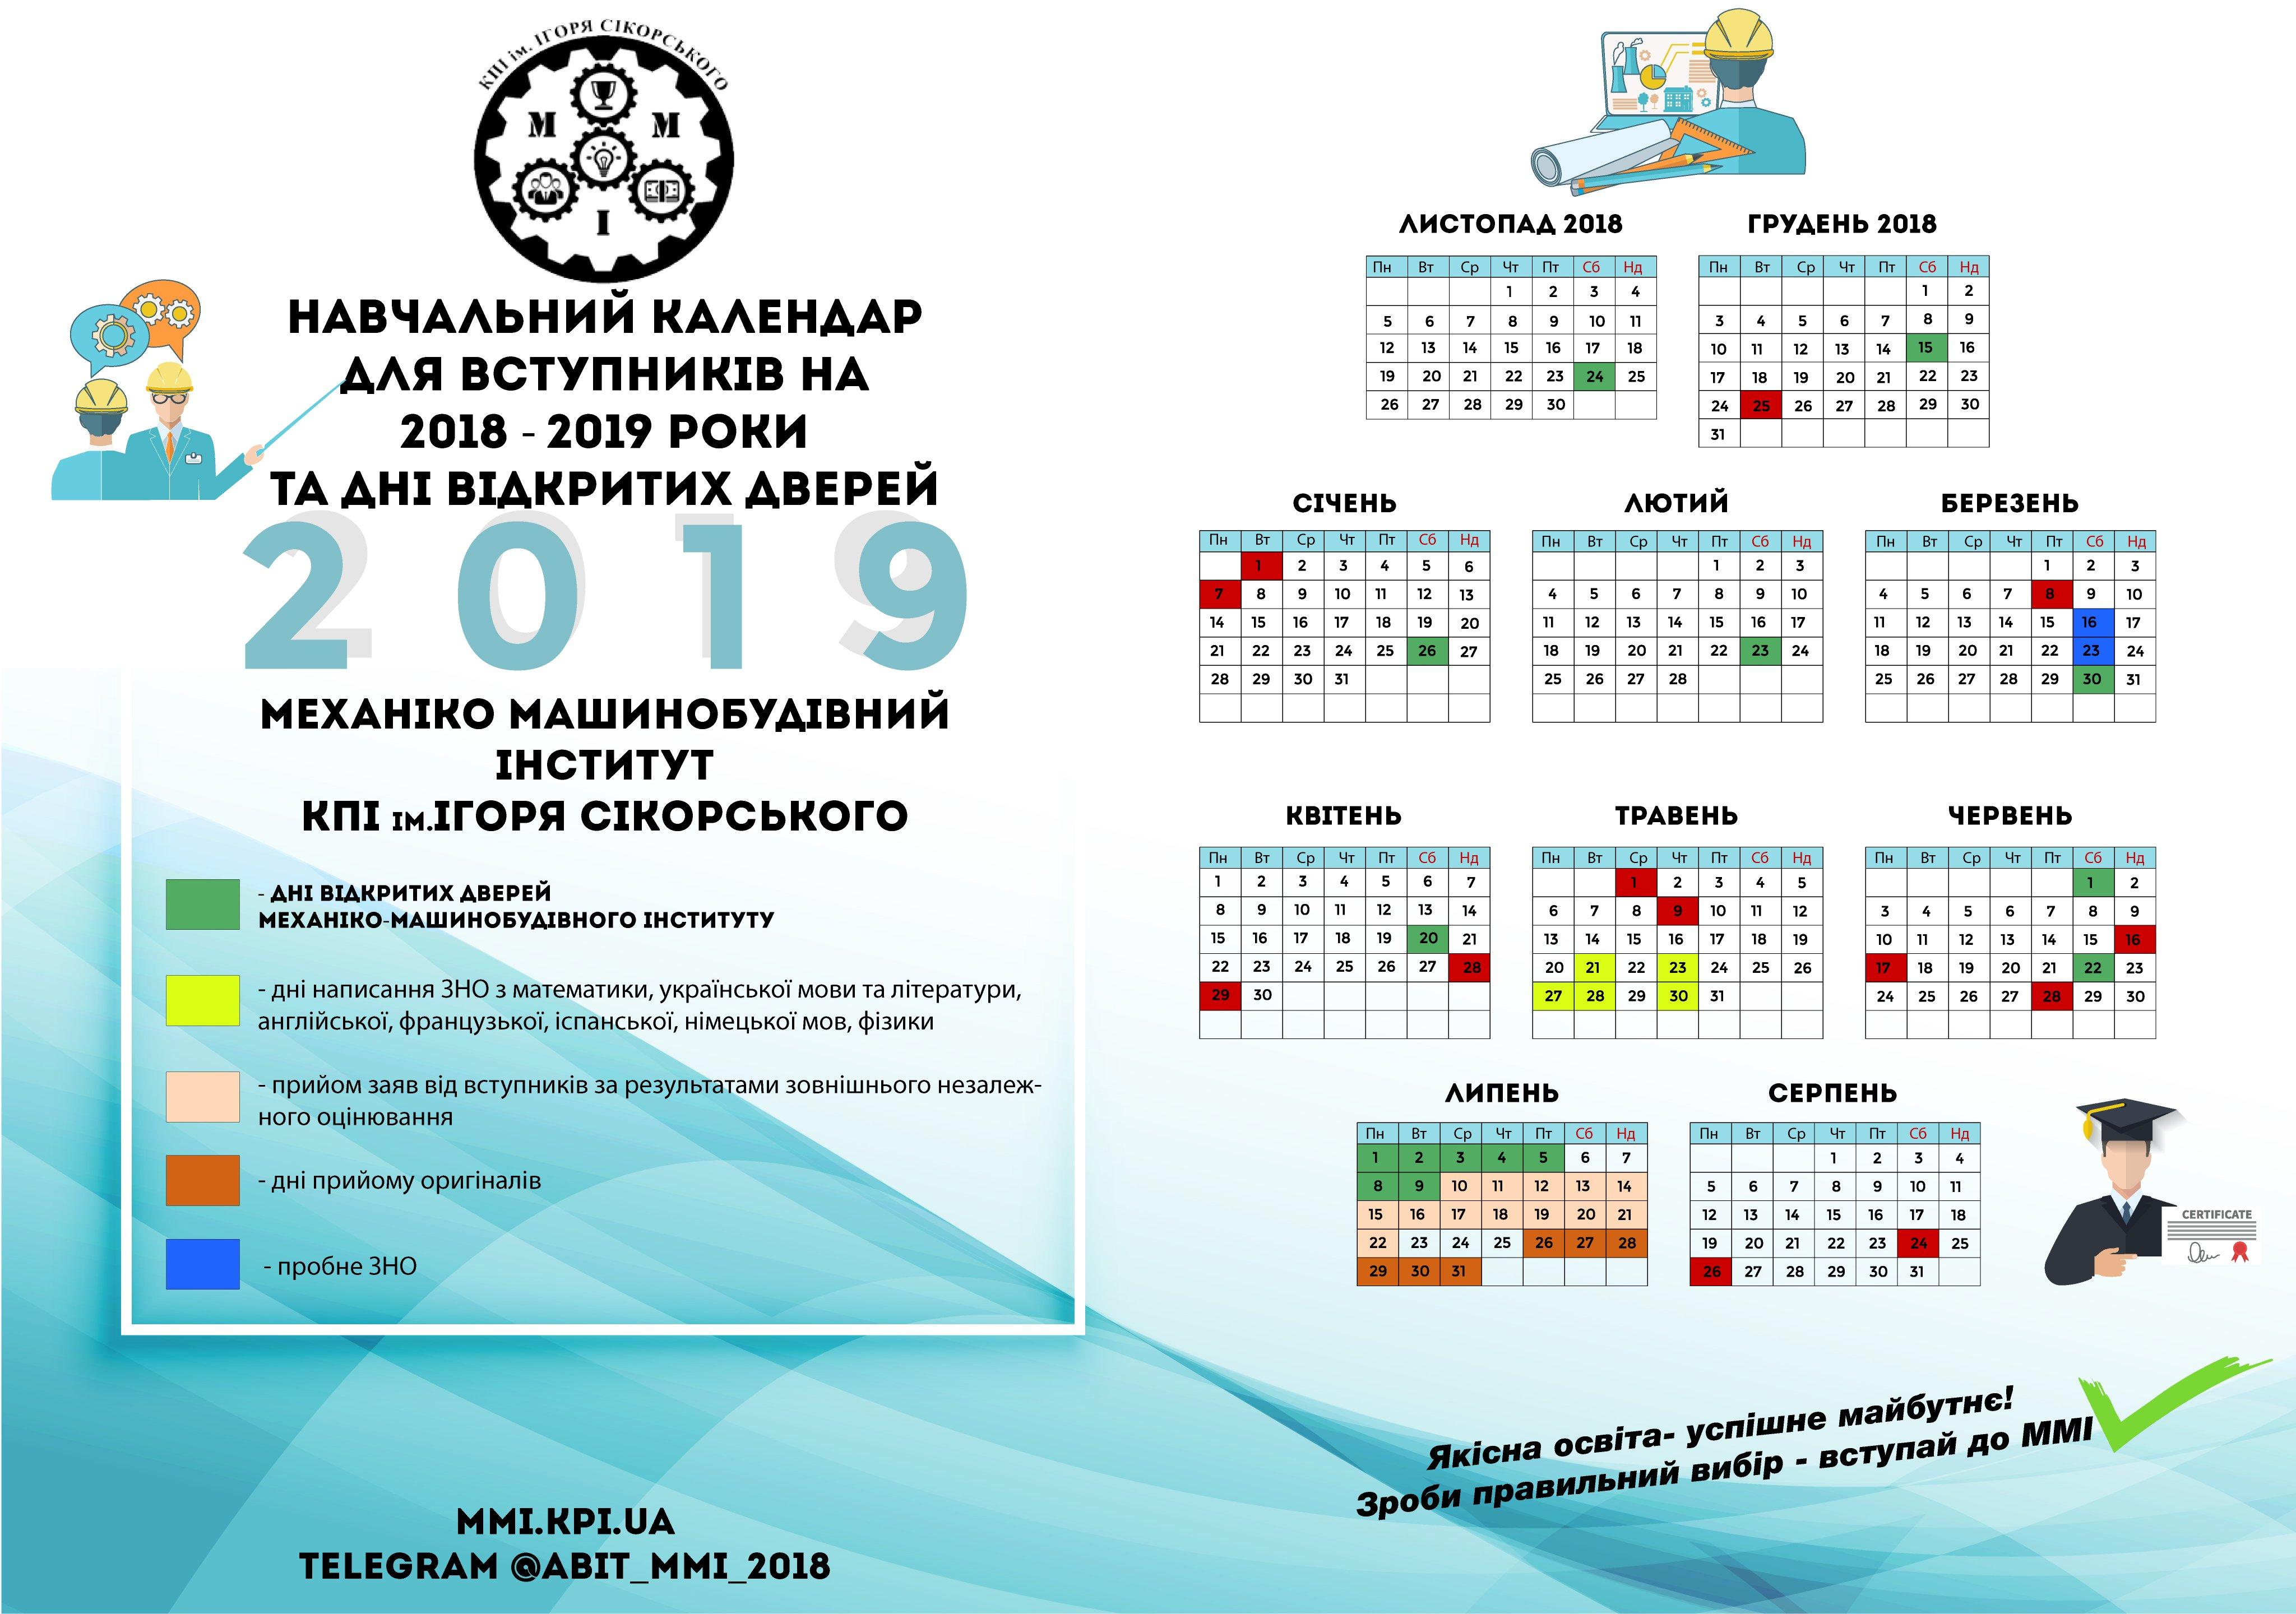 Навчальний Календар 2018 2019 Н.р. Для Вступників До Ммі Та Дні Washu Calendar 2019